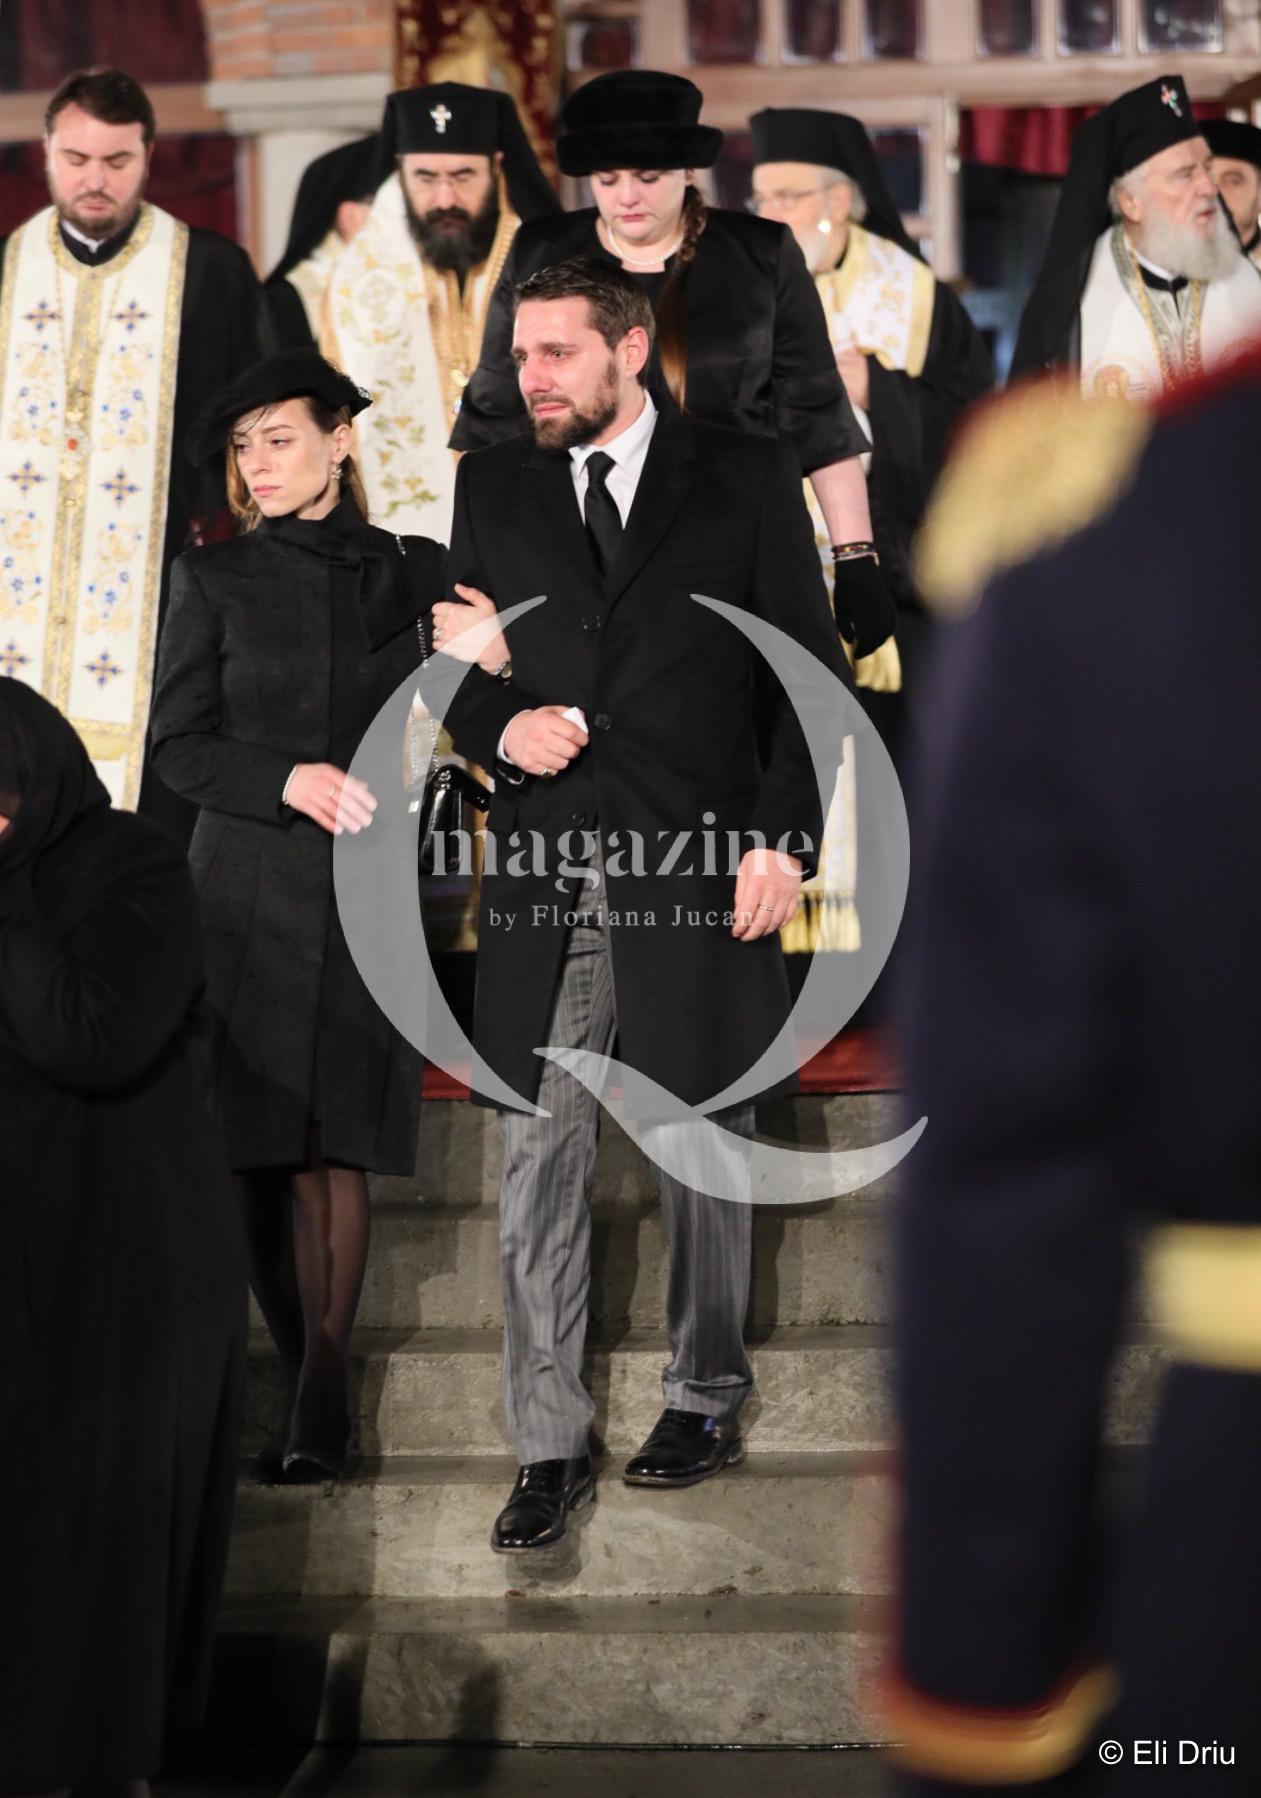 Funeraliile-Regelui-Mihai-Q-Magazine-7